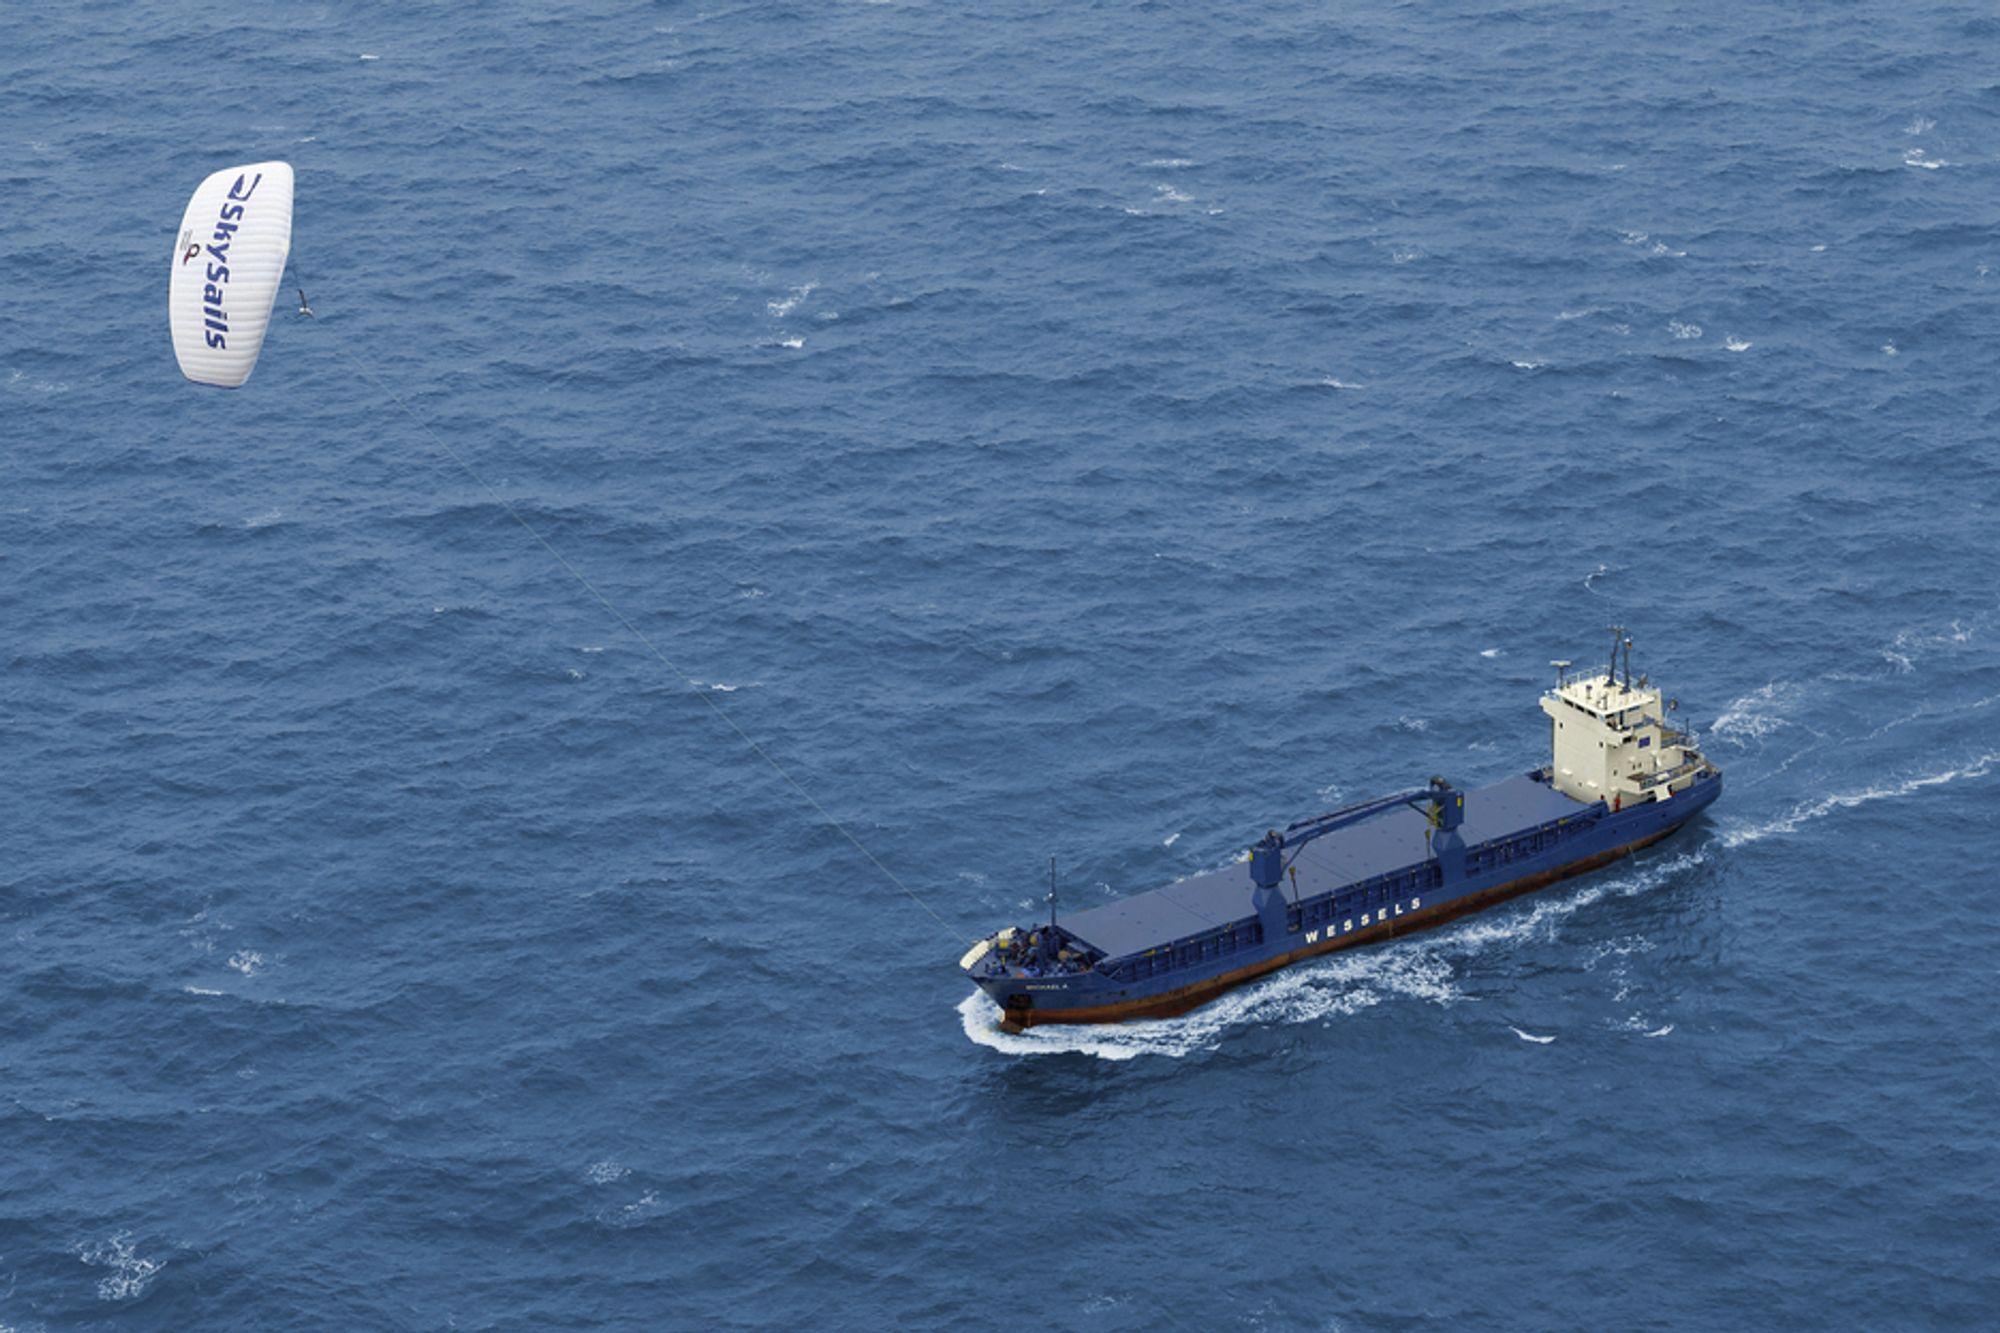 TESTET: Lasteskipet Michael A har testet ut Skysails over lang tid. Det har medført flere justeringer og forbedringer av teknologien og utstyret.